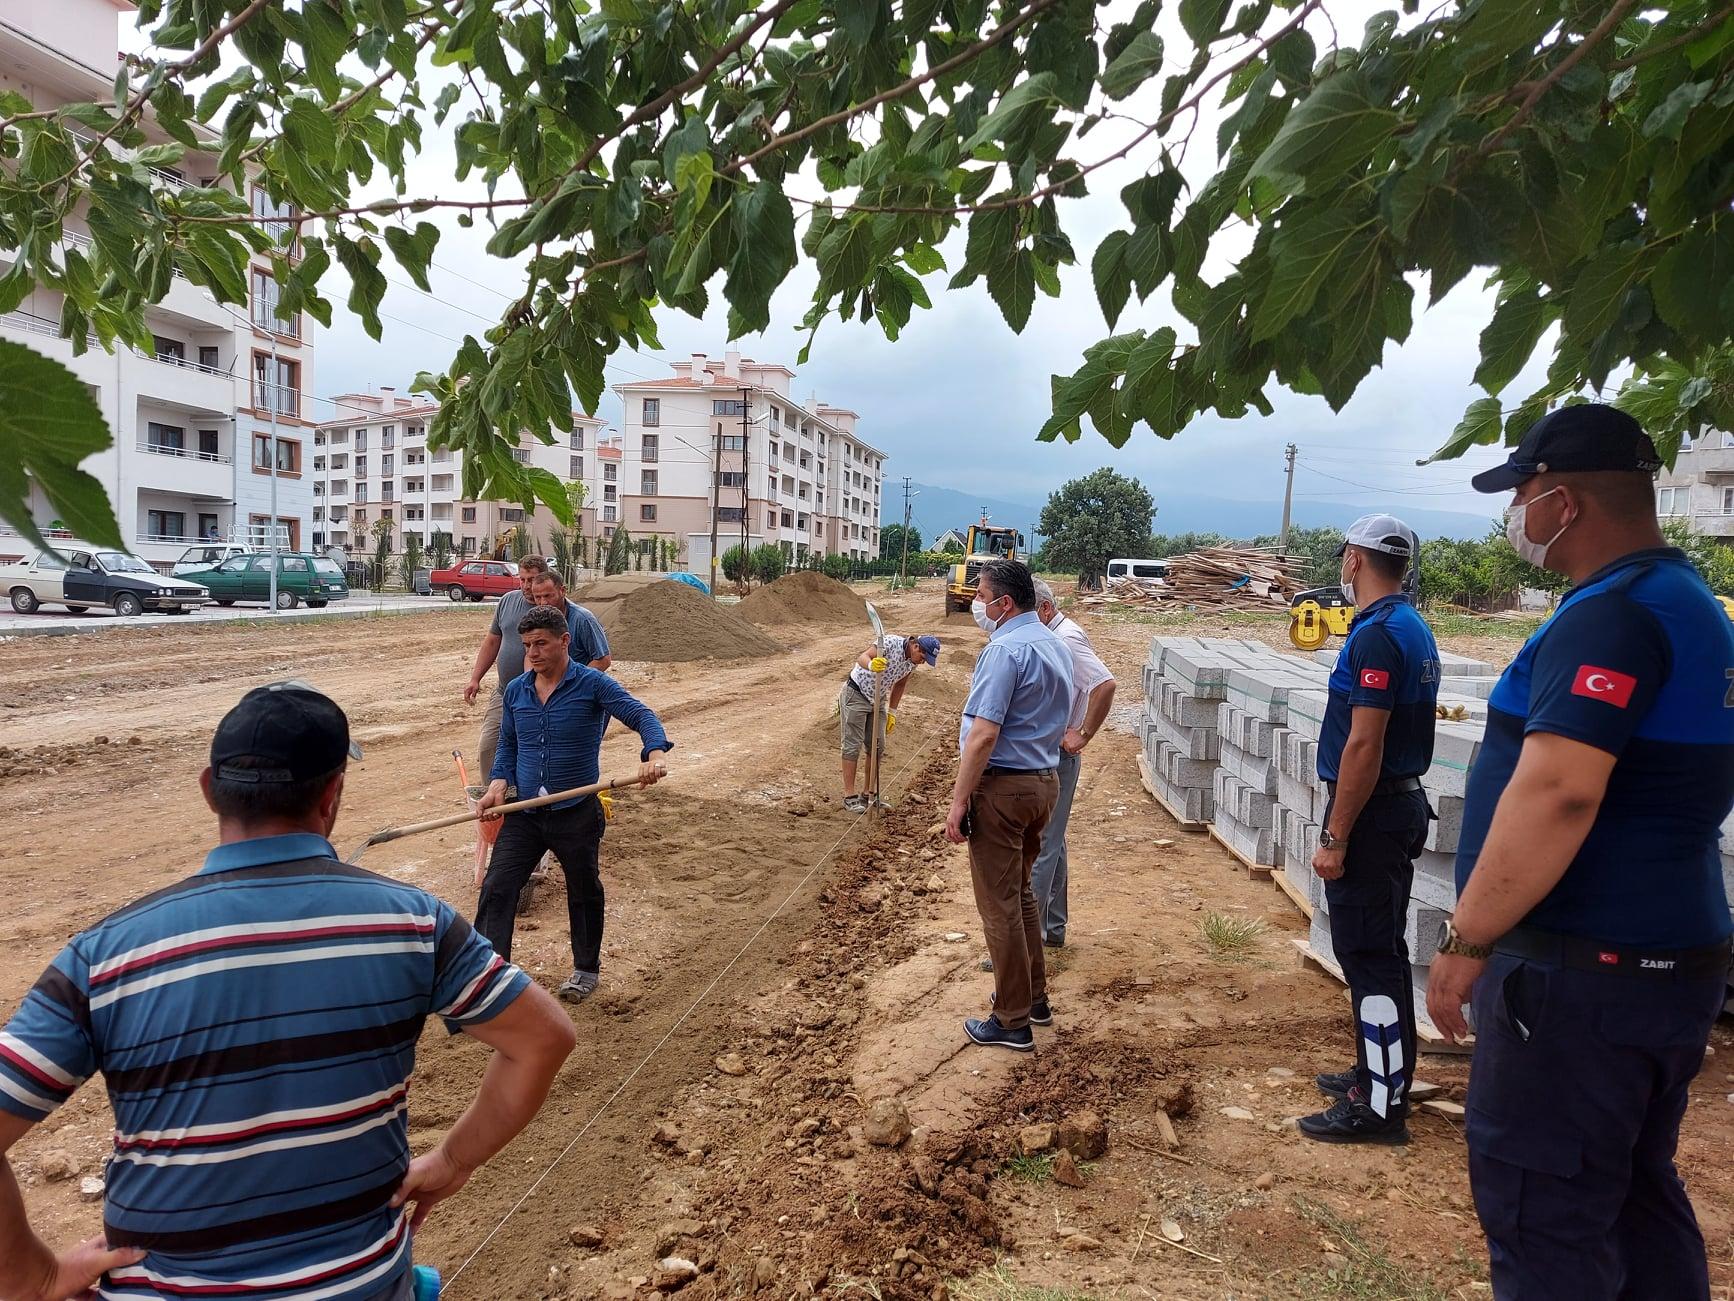 TOKİ konutlarının çevre düzenlemesi, otopark alanı ve yollarına parke döşeme çalışmalarına başladık.